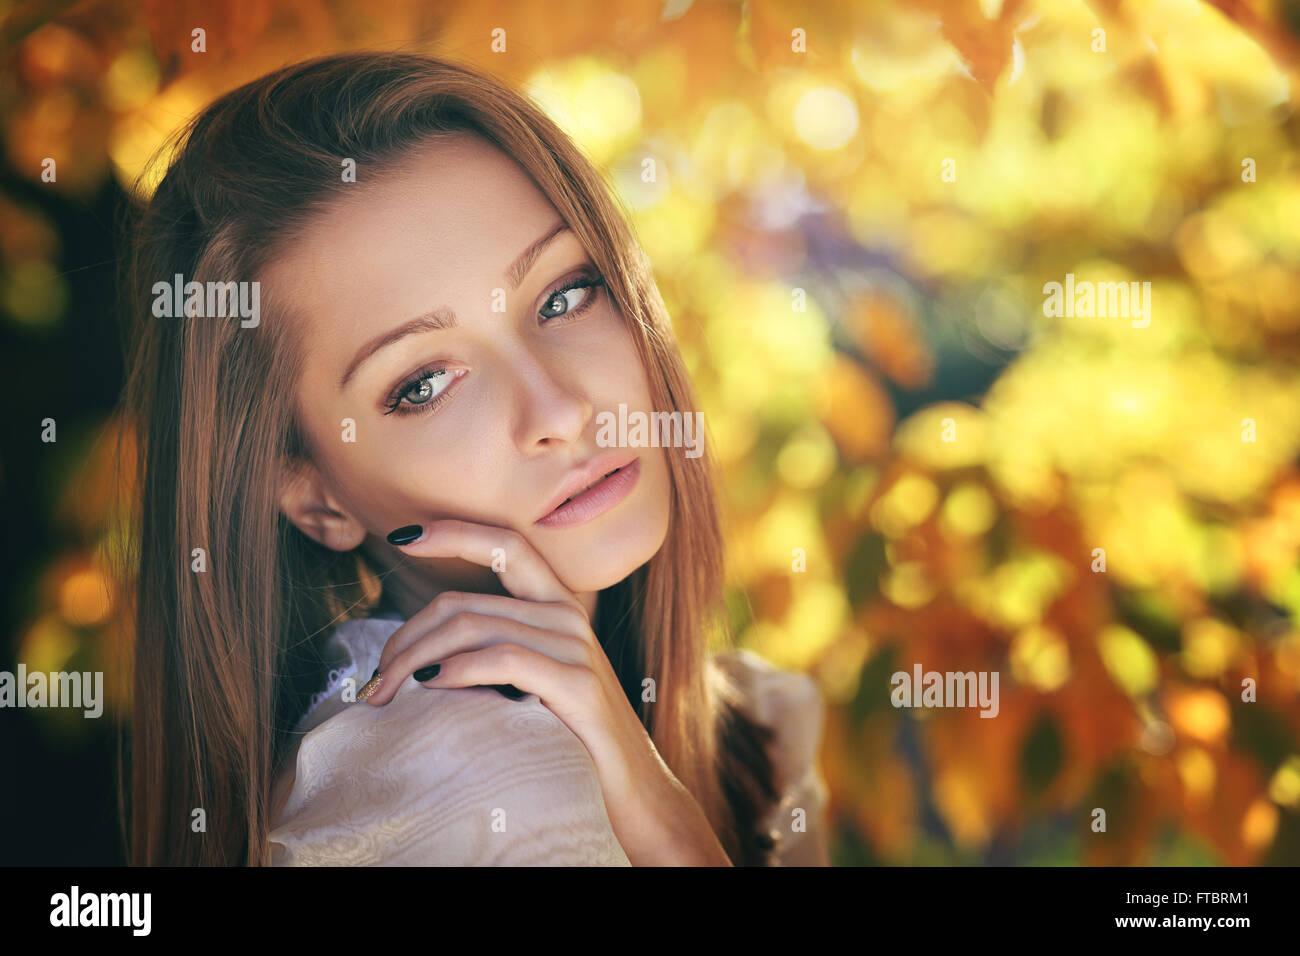 Automne chaud portrait d'une jeune femme . Derrière les feuilles d'or Photo Stock